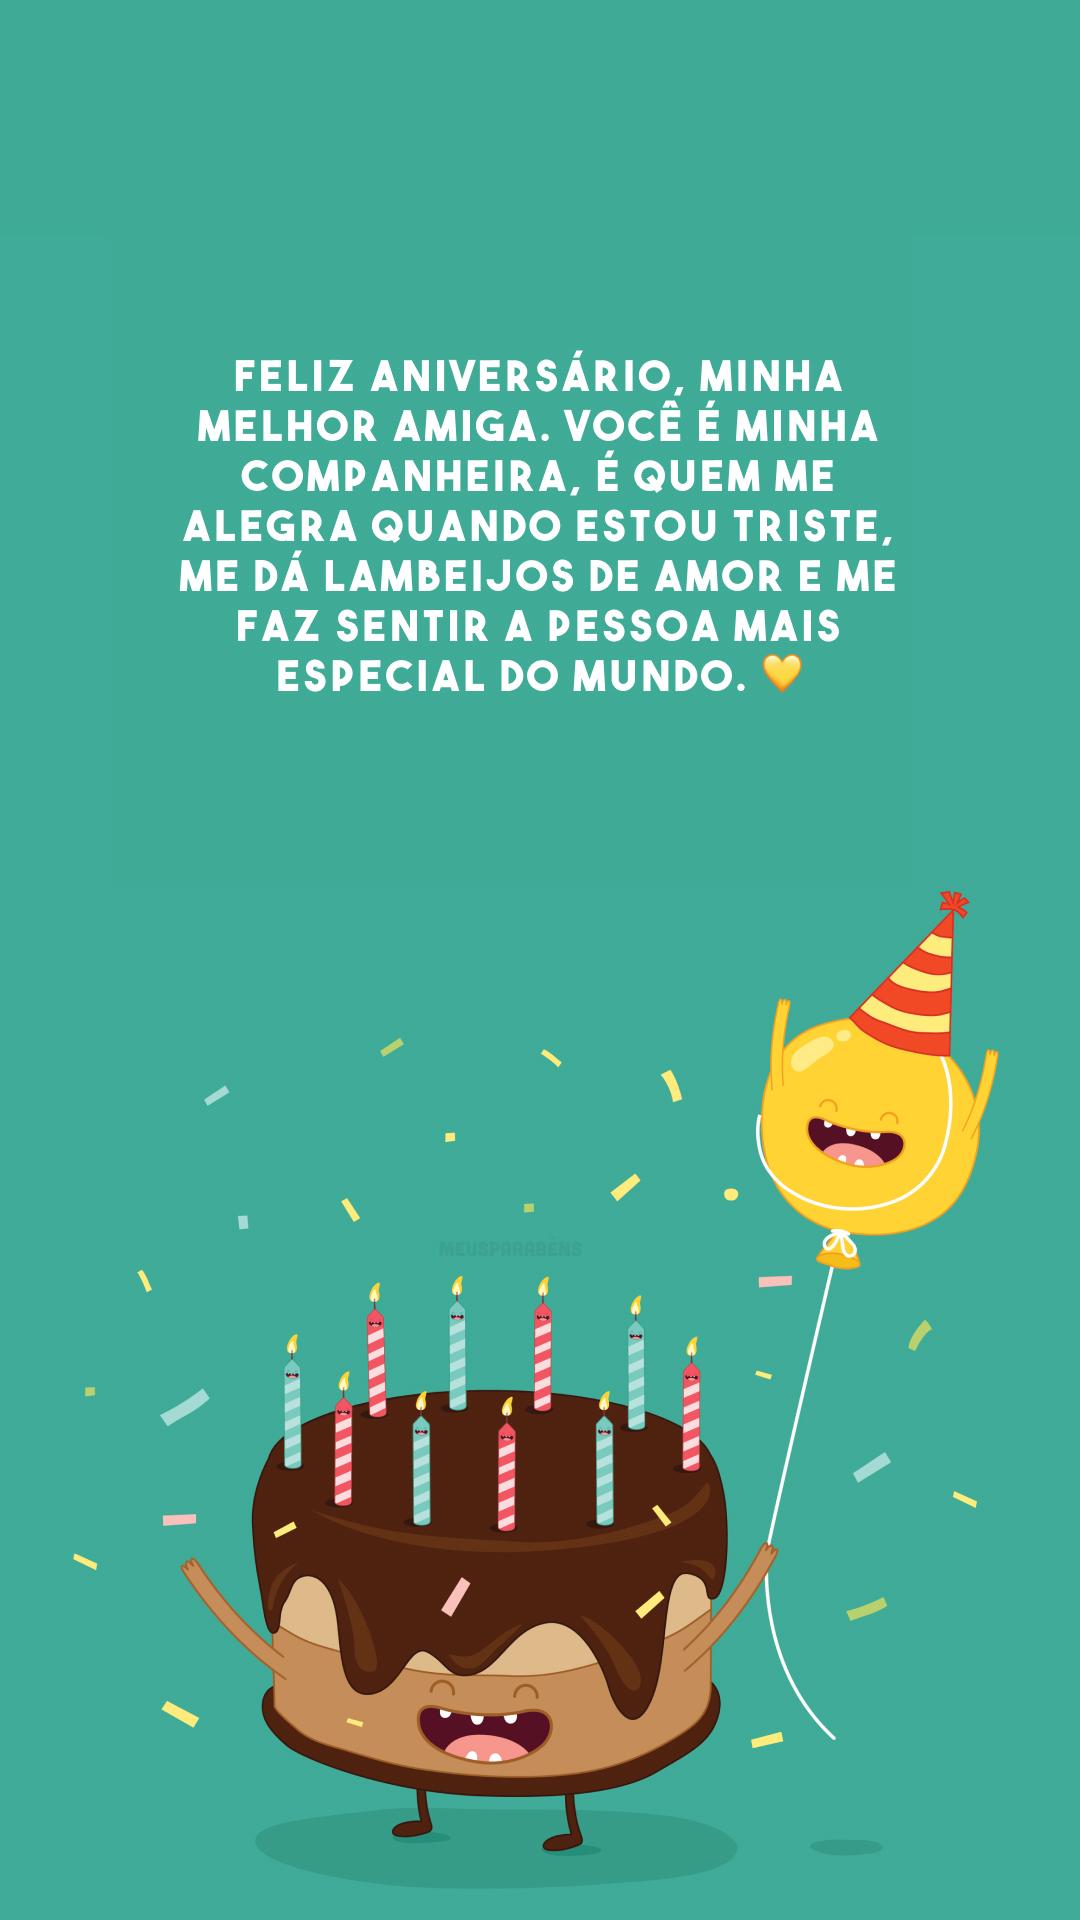 Feliz aniversário, minha melhor amiga. Você é minha companheira, é quem me alegra quando estou triste, me dá lambeijos de amor e me faz sentir a pessoa mais especial do mundo. 💛